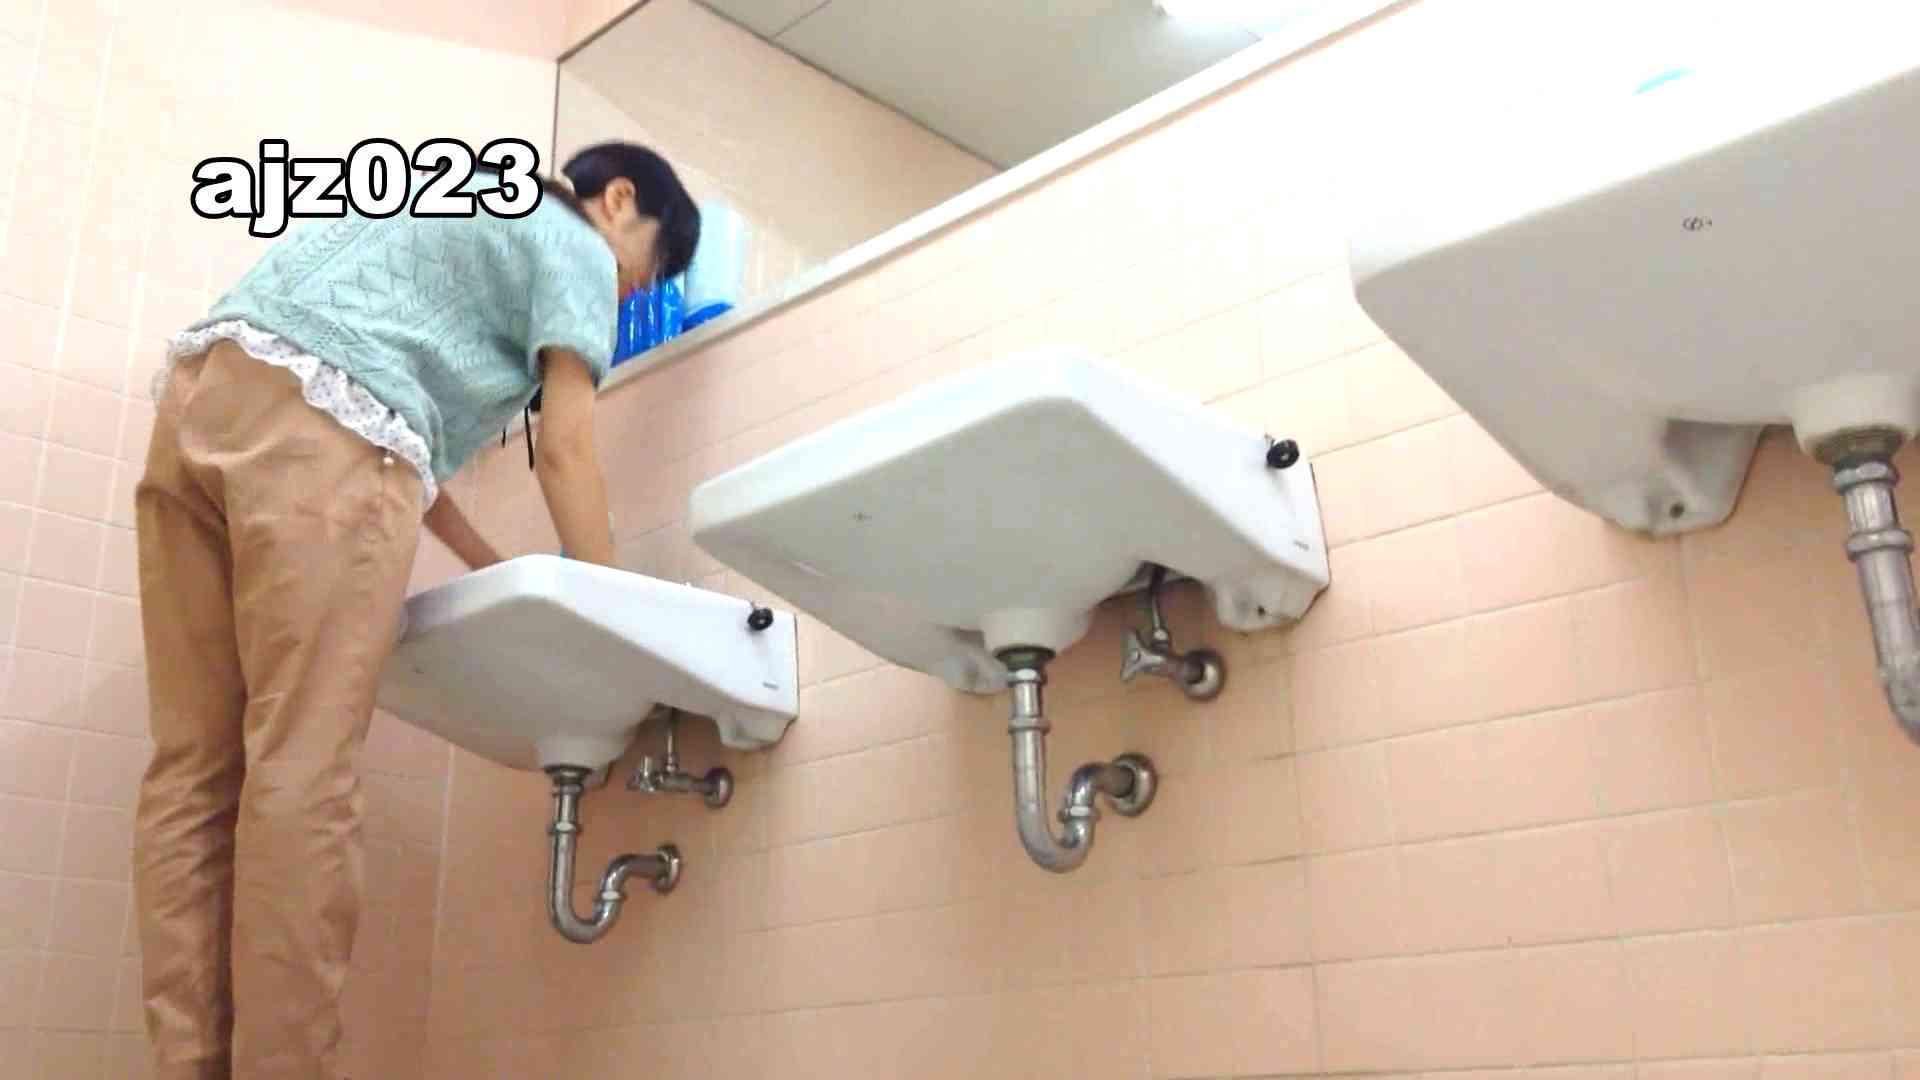 某有名大学女性洗面所 vol.23 洗面所 | HなOL  98pic 28